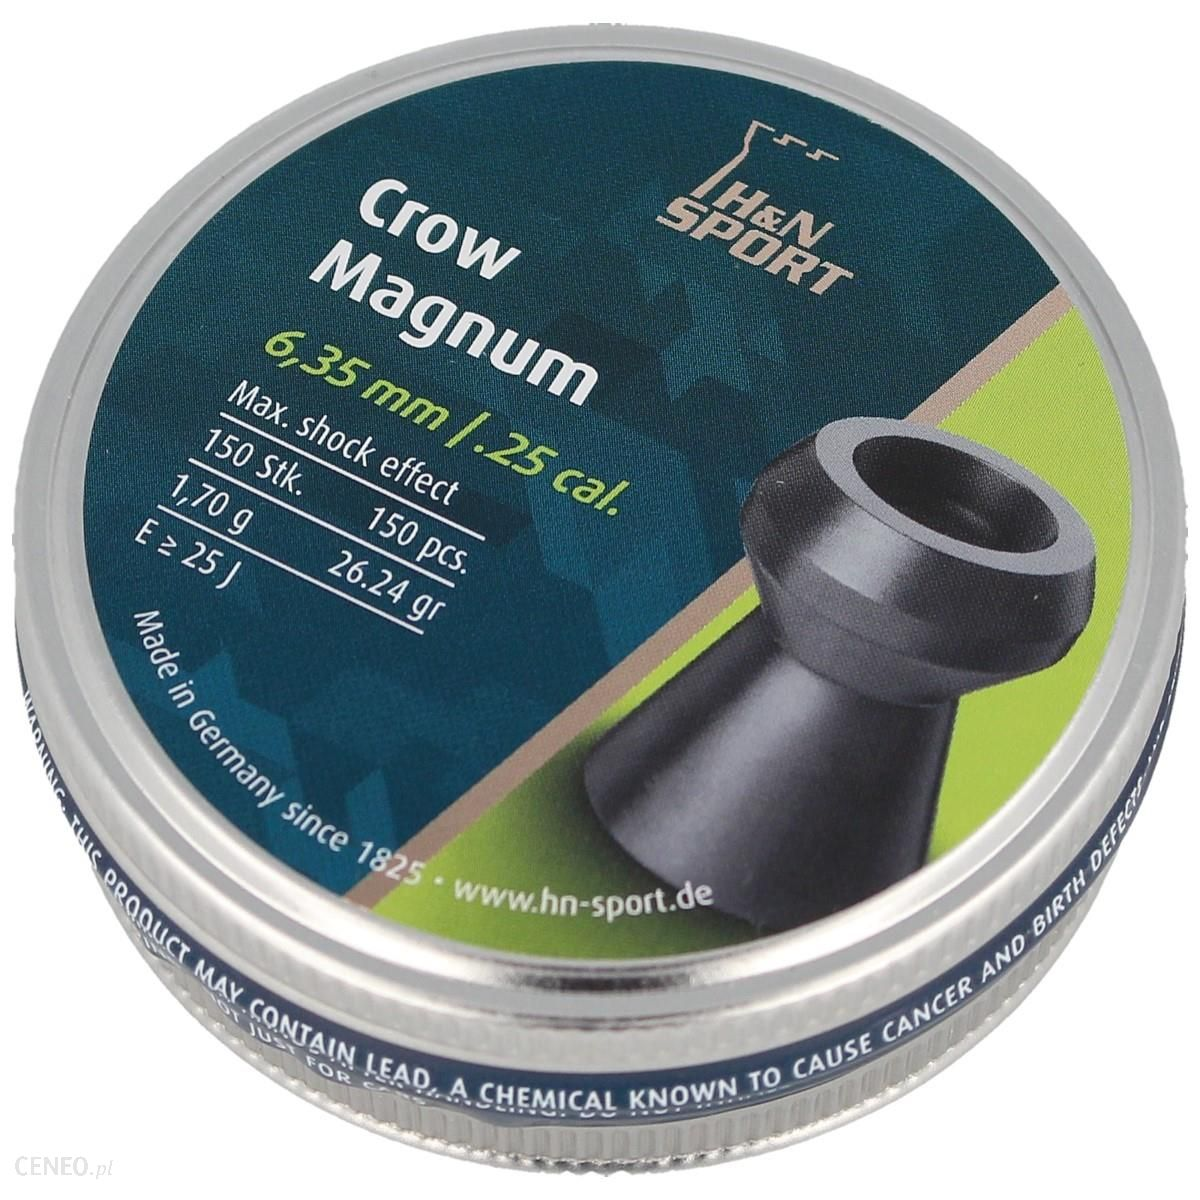 H&N Sport Śrut Diabolo H&N Crow Magnum Kal 6.35 Mm 150 Szt - 92226350003